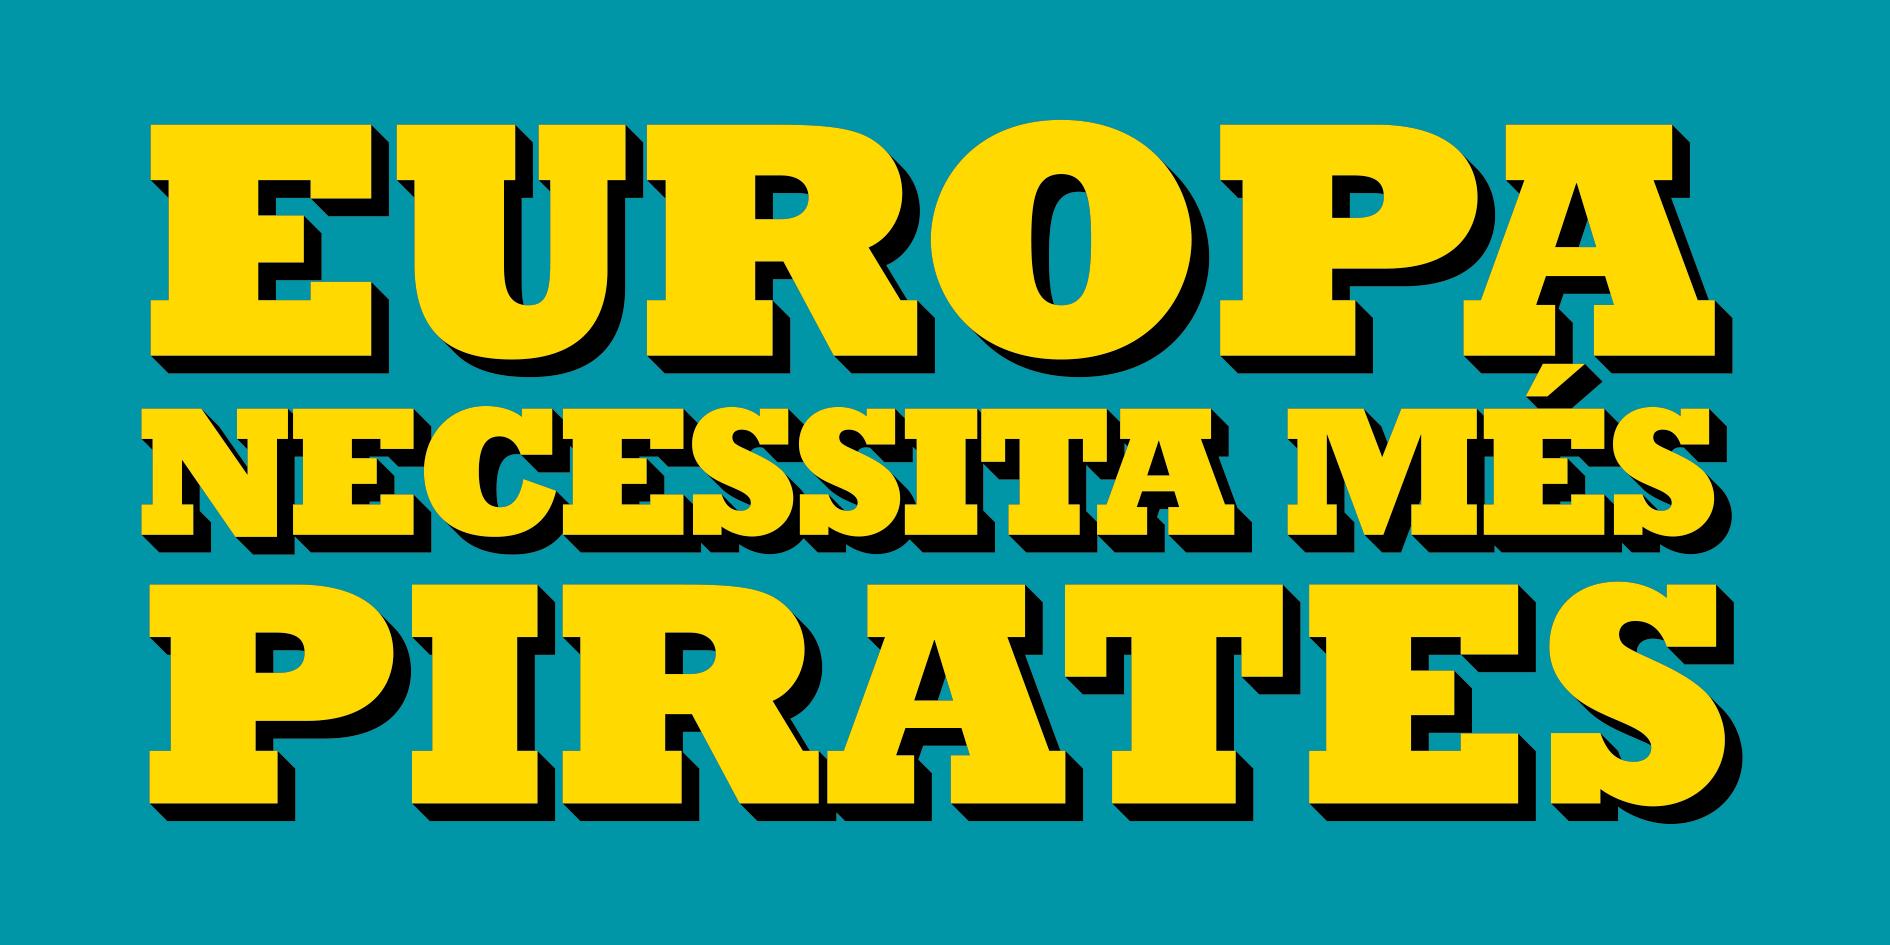 Pirates de Catalunya es presenta a les elecciones europees del 26 de maig del 2019